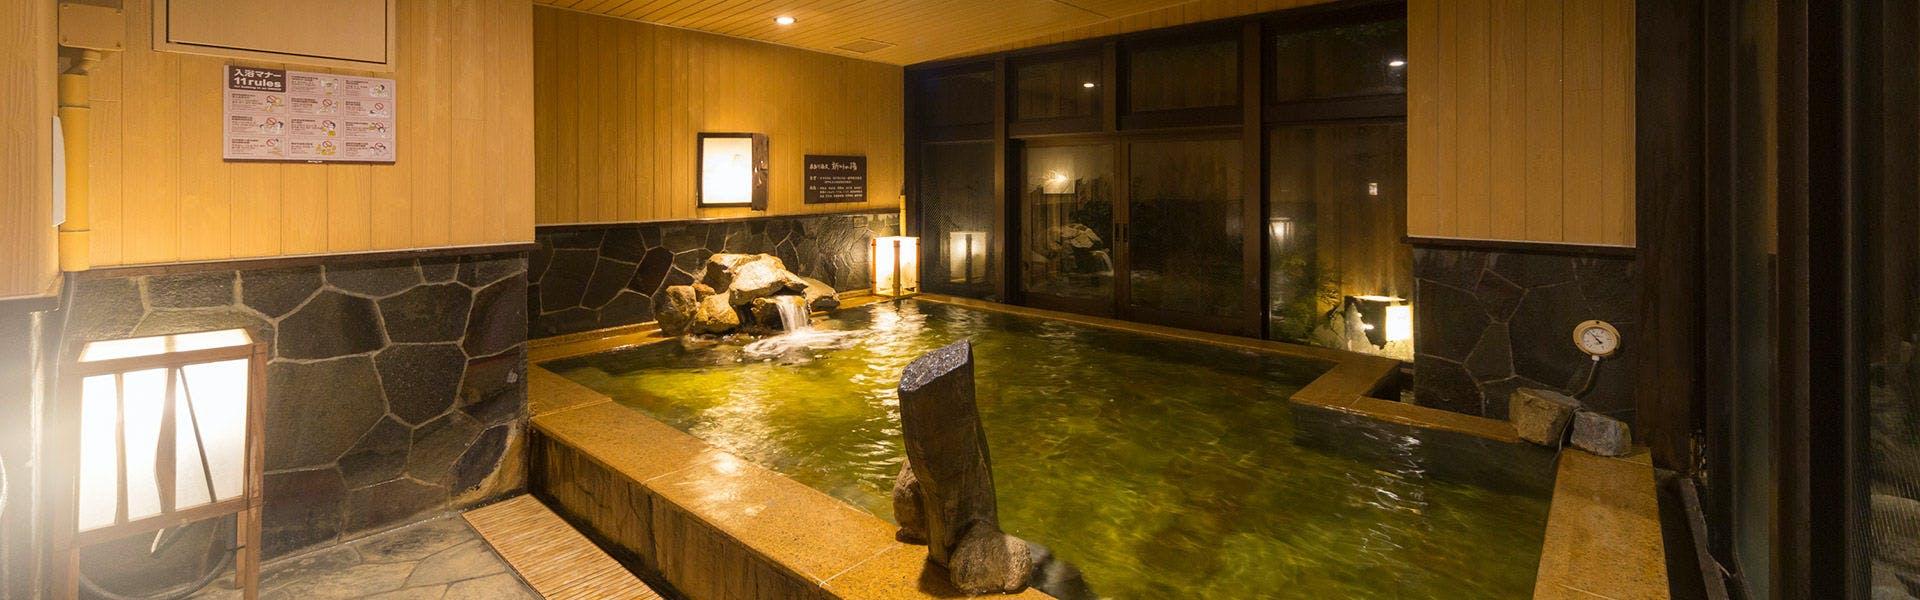 記念日におすすめのホテル・亀島川温泉 新川の湯 ドーミーイン東京八丁堀の写真1